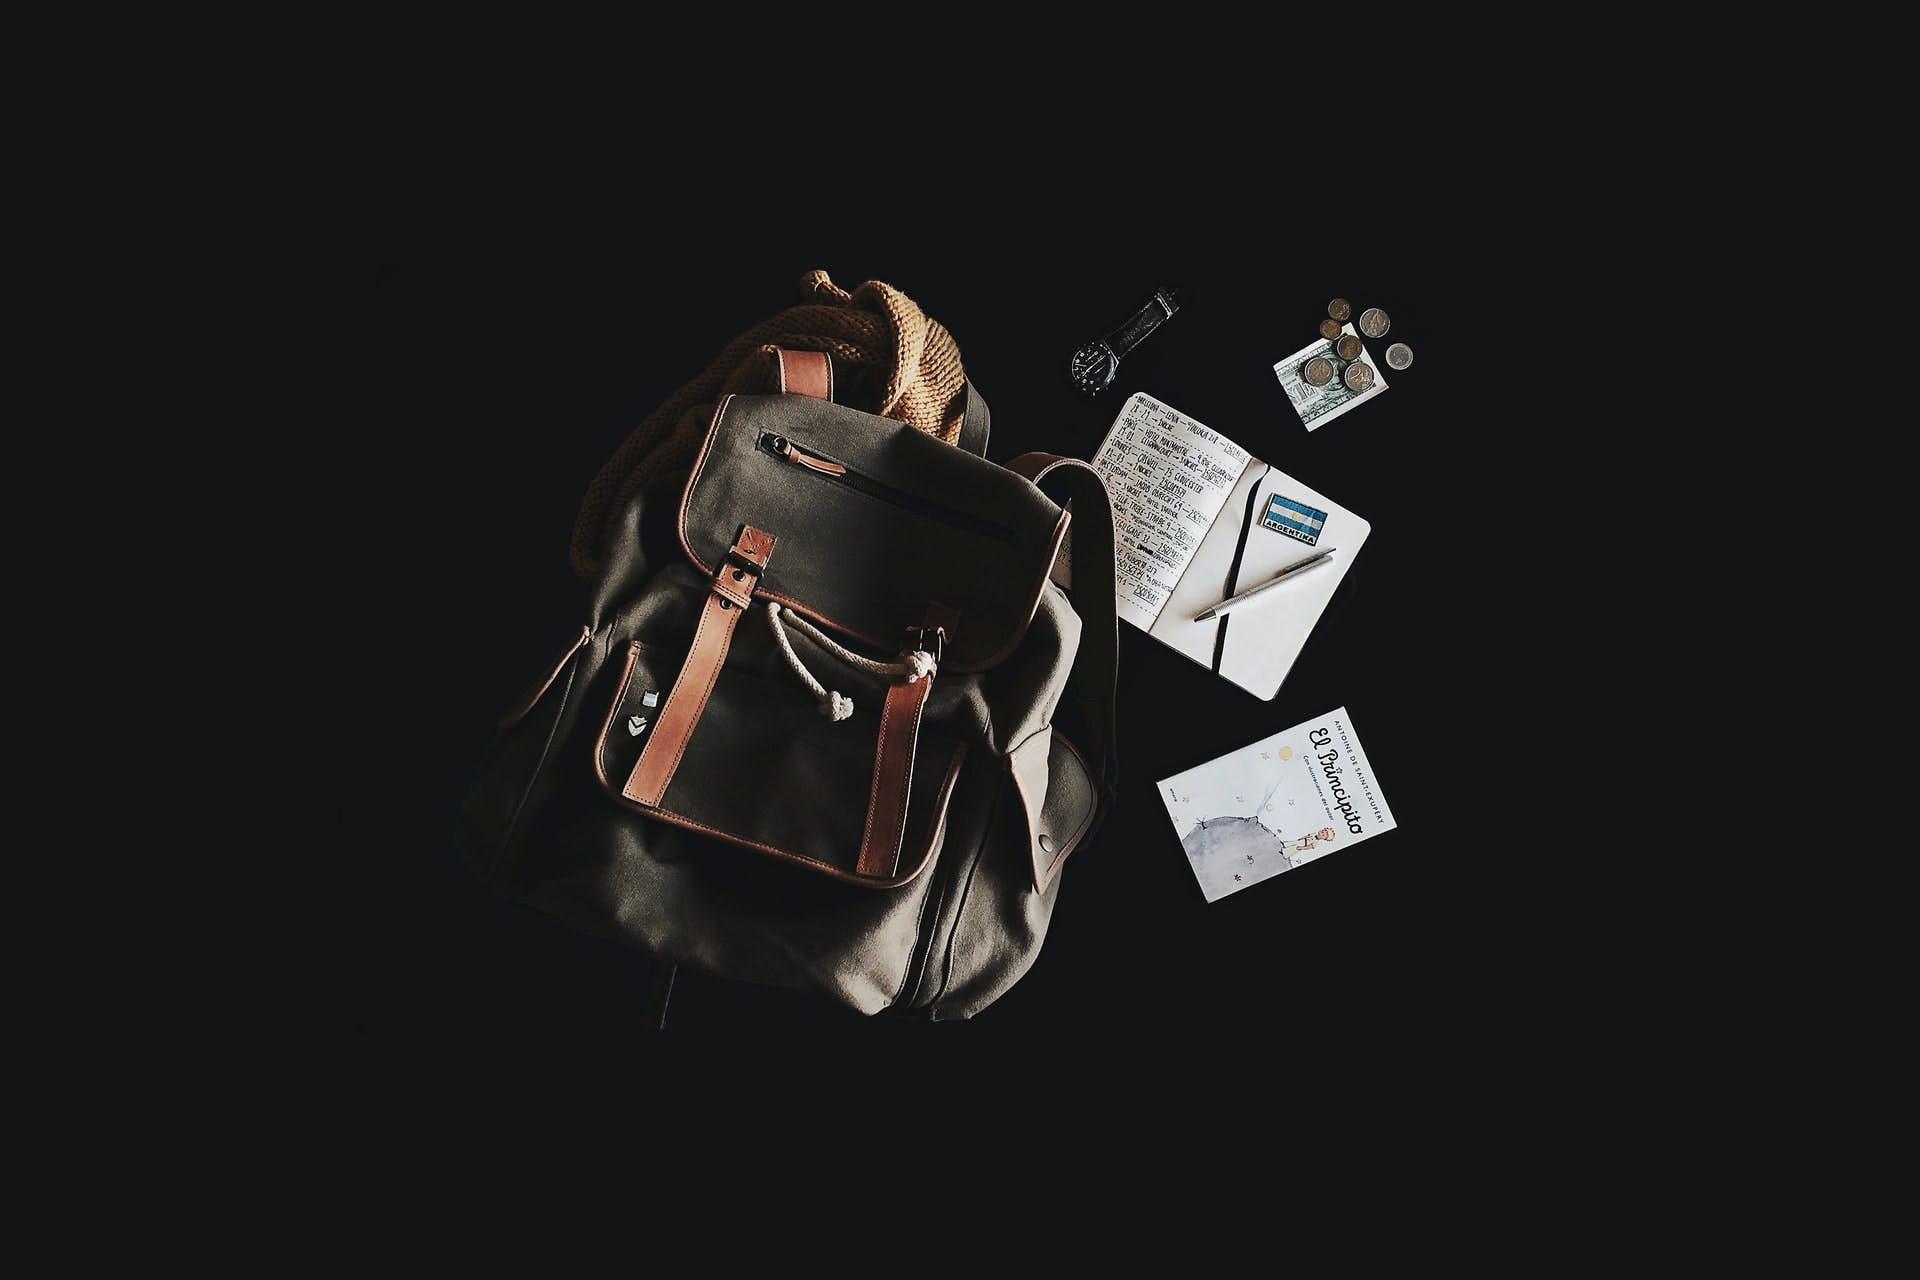 Mochila com passaporte, relógio e algumas moedas